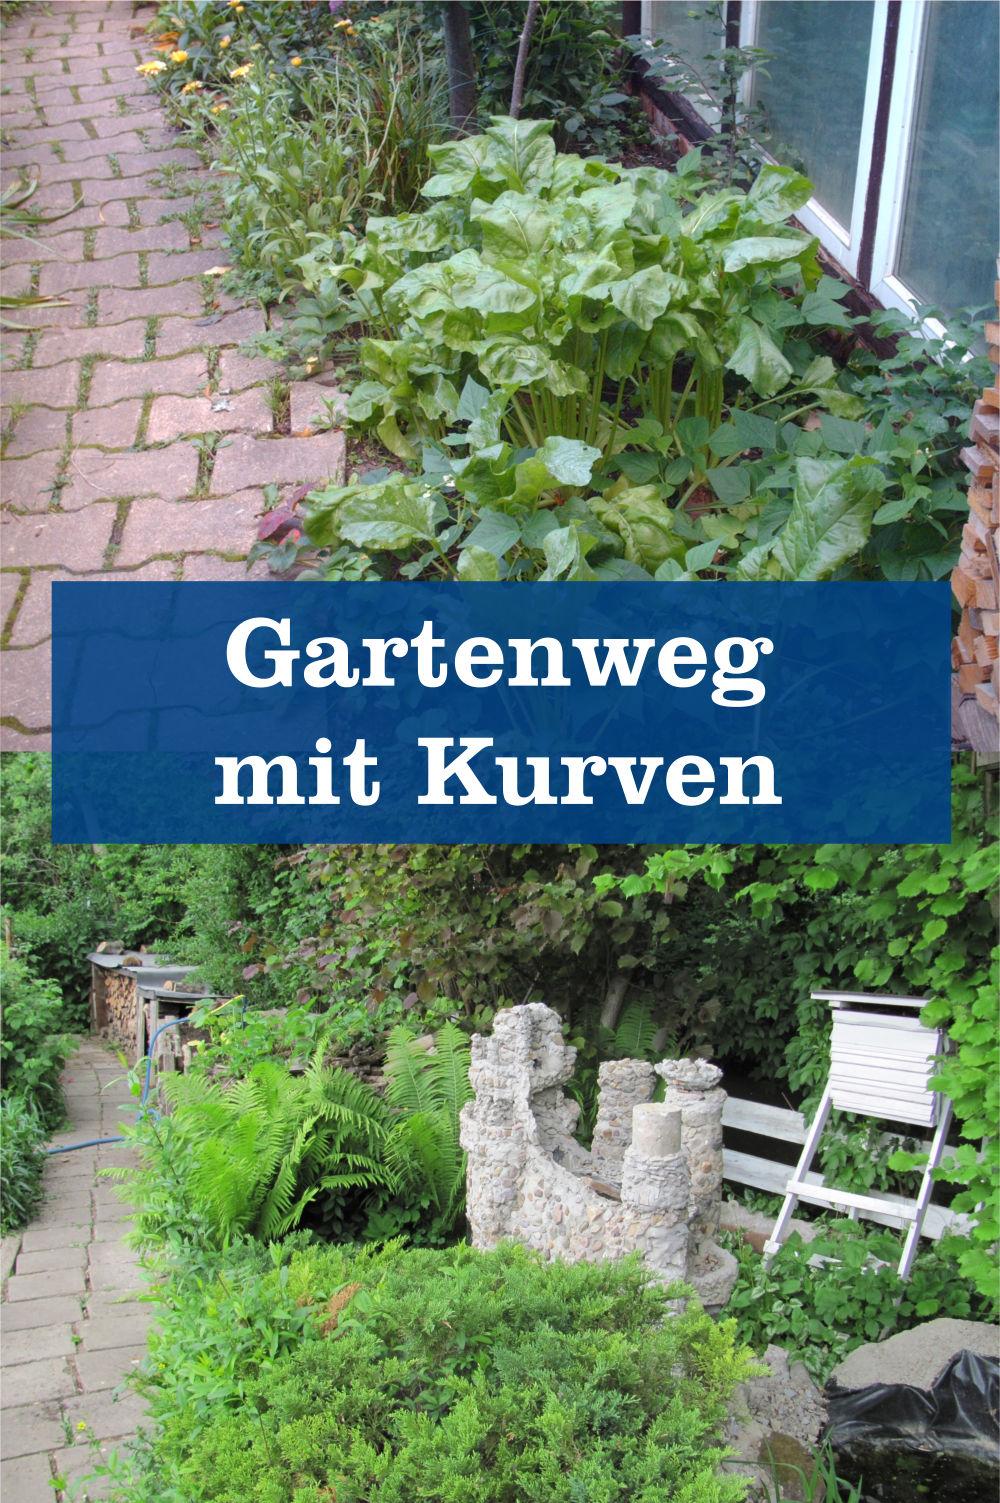 Gartenweg mit Kurven